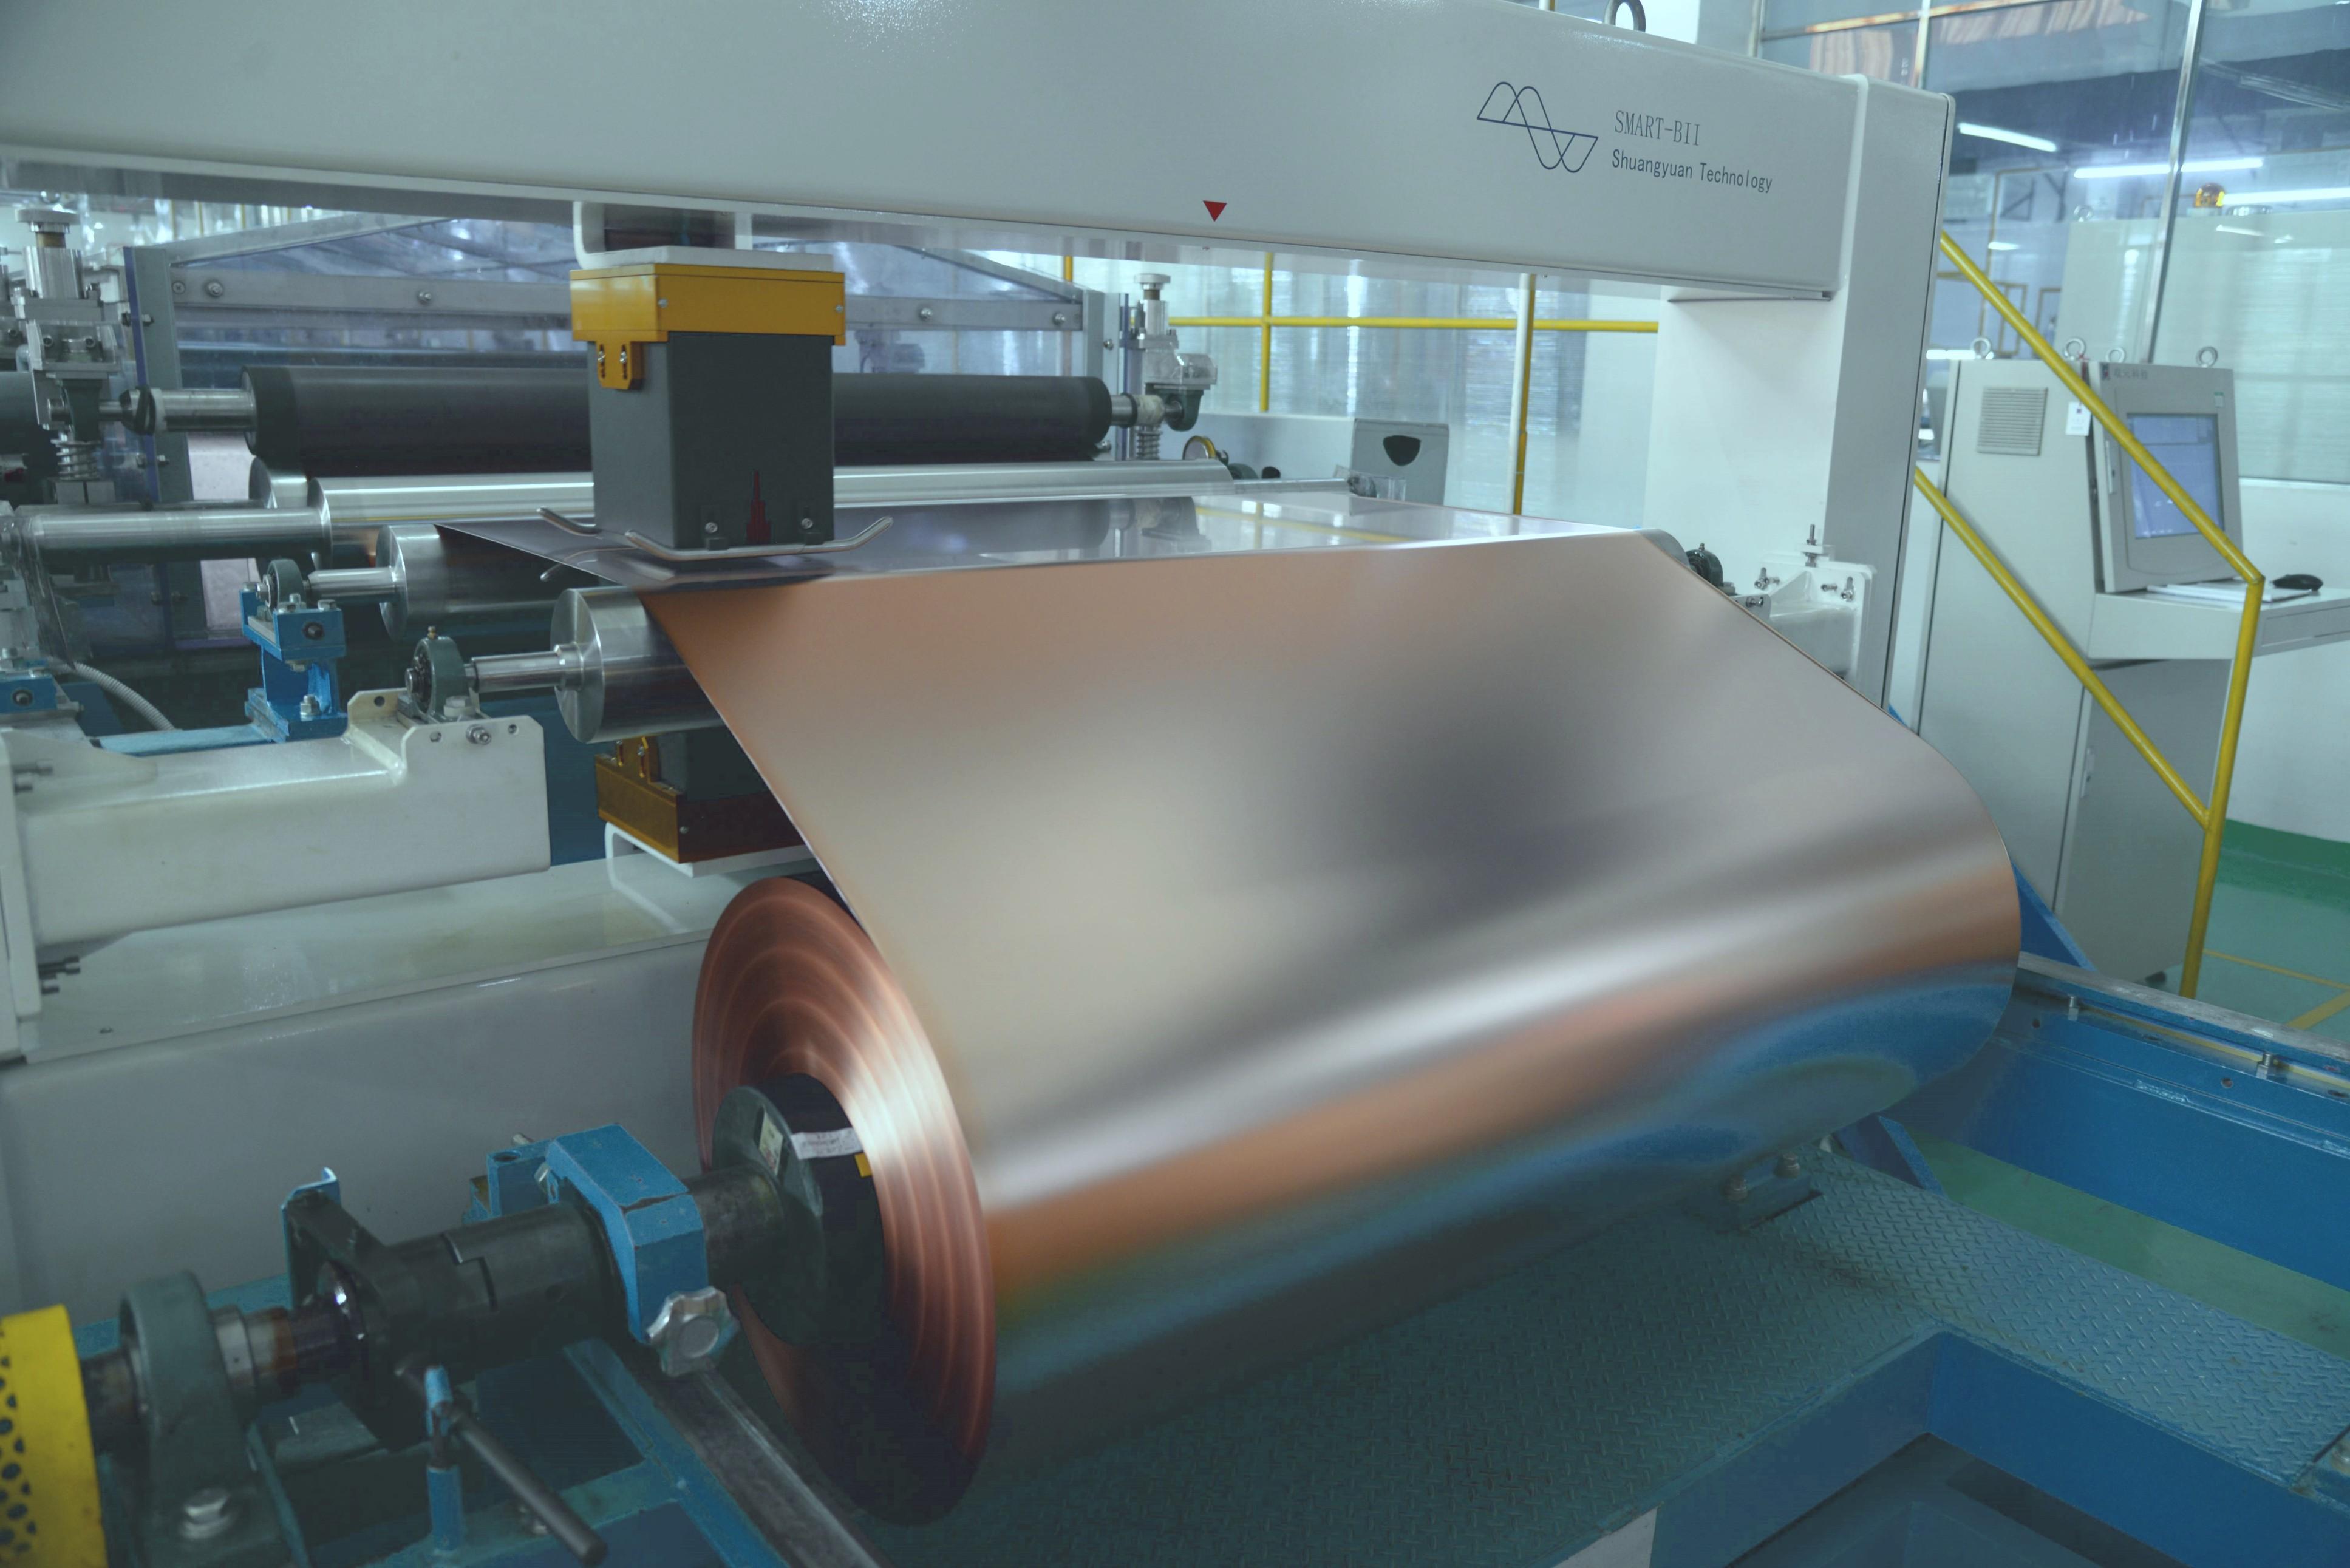 嘉元科技:现有铜箔产能1.6万吨/年 在建及规划产能3.5万吨